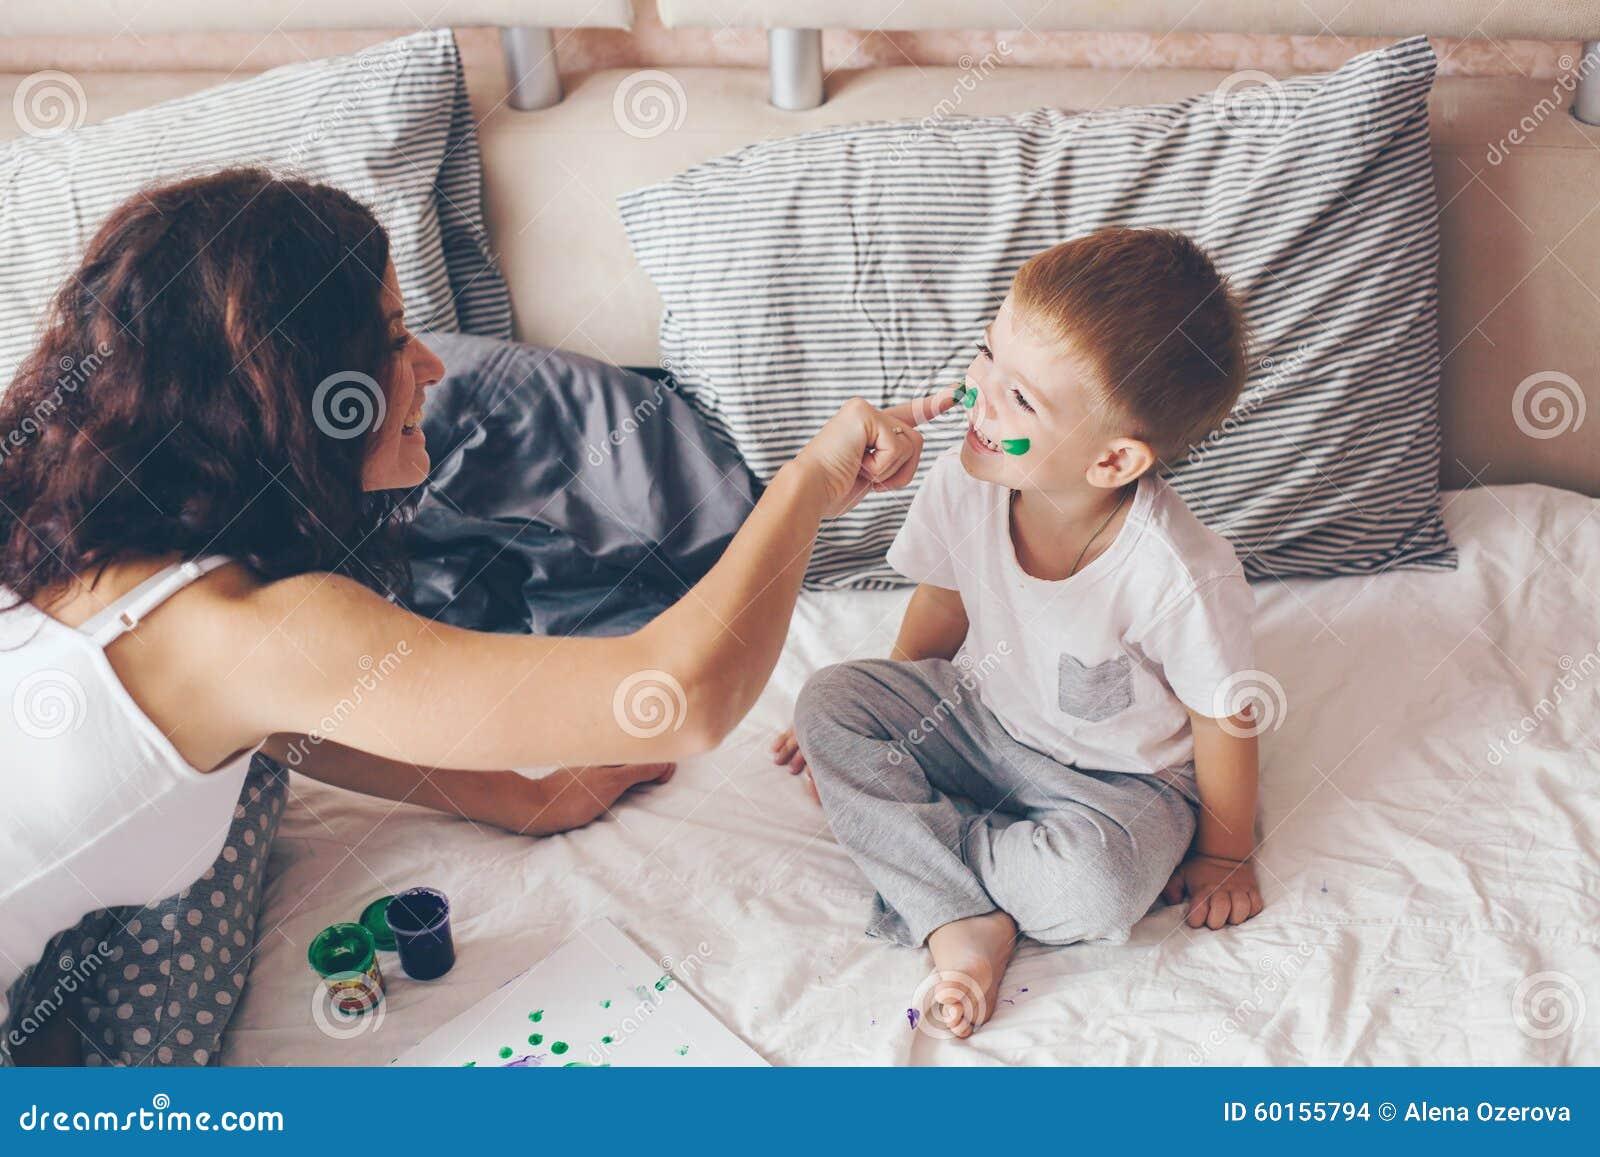 Секс мамы с сыном в спальне, Реальное русское онлайн видео секса матери с сыном 25 фотография